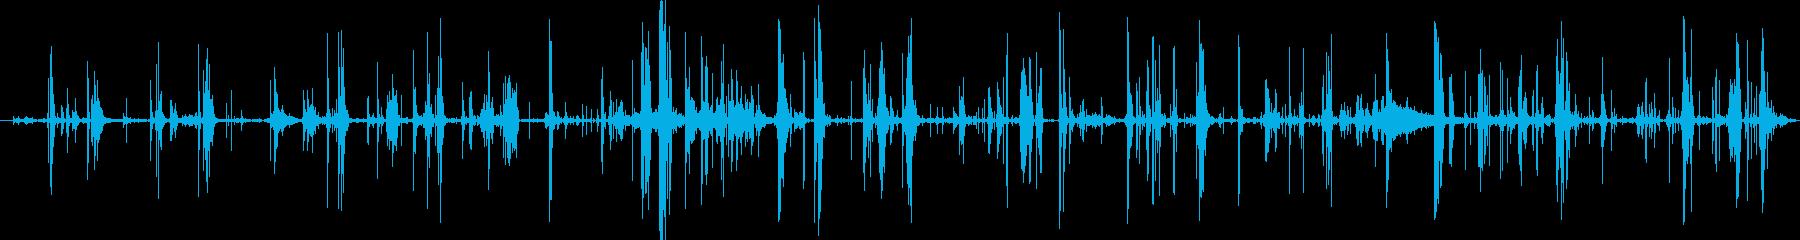 モンスター 肉食06の再生済みの波形